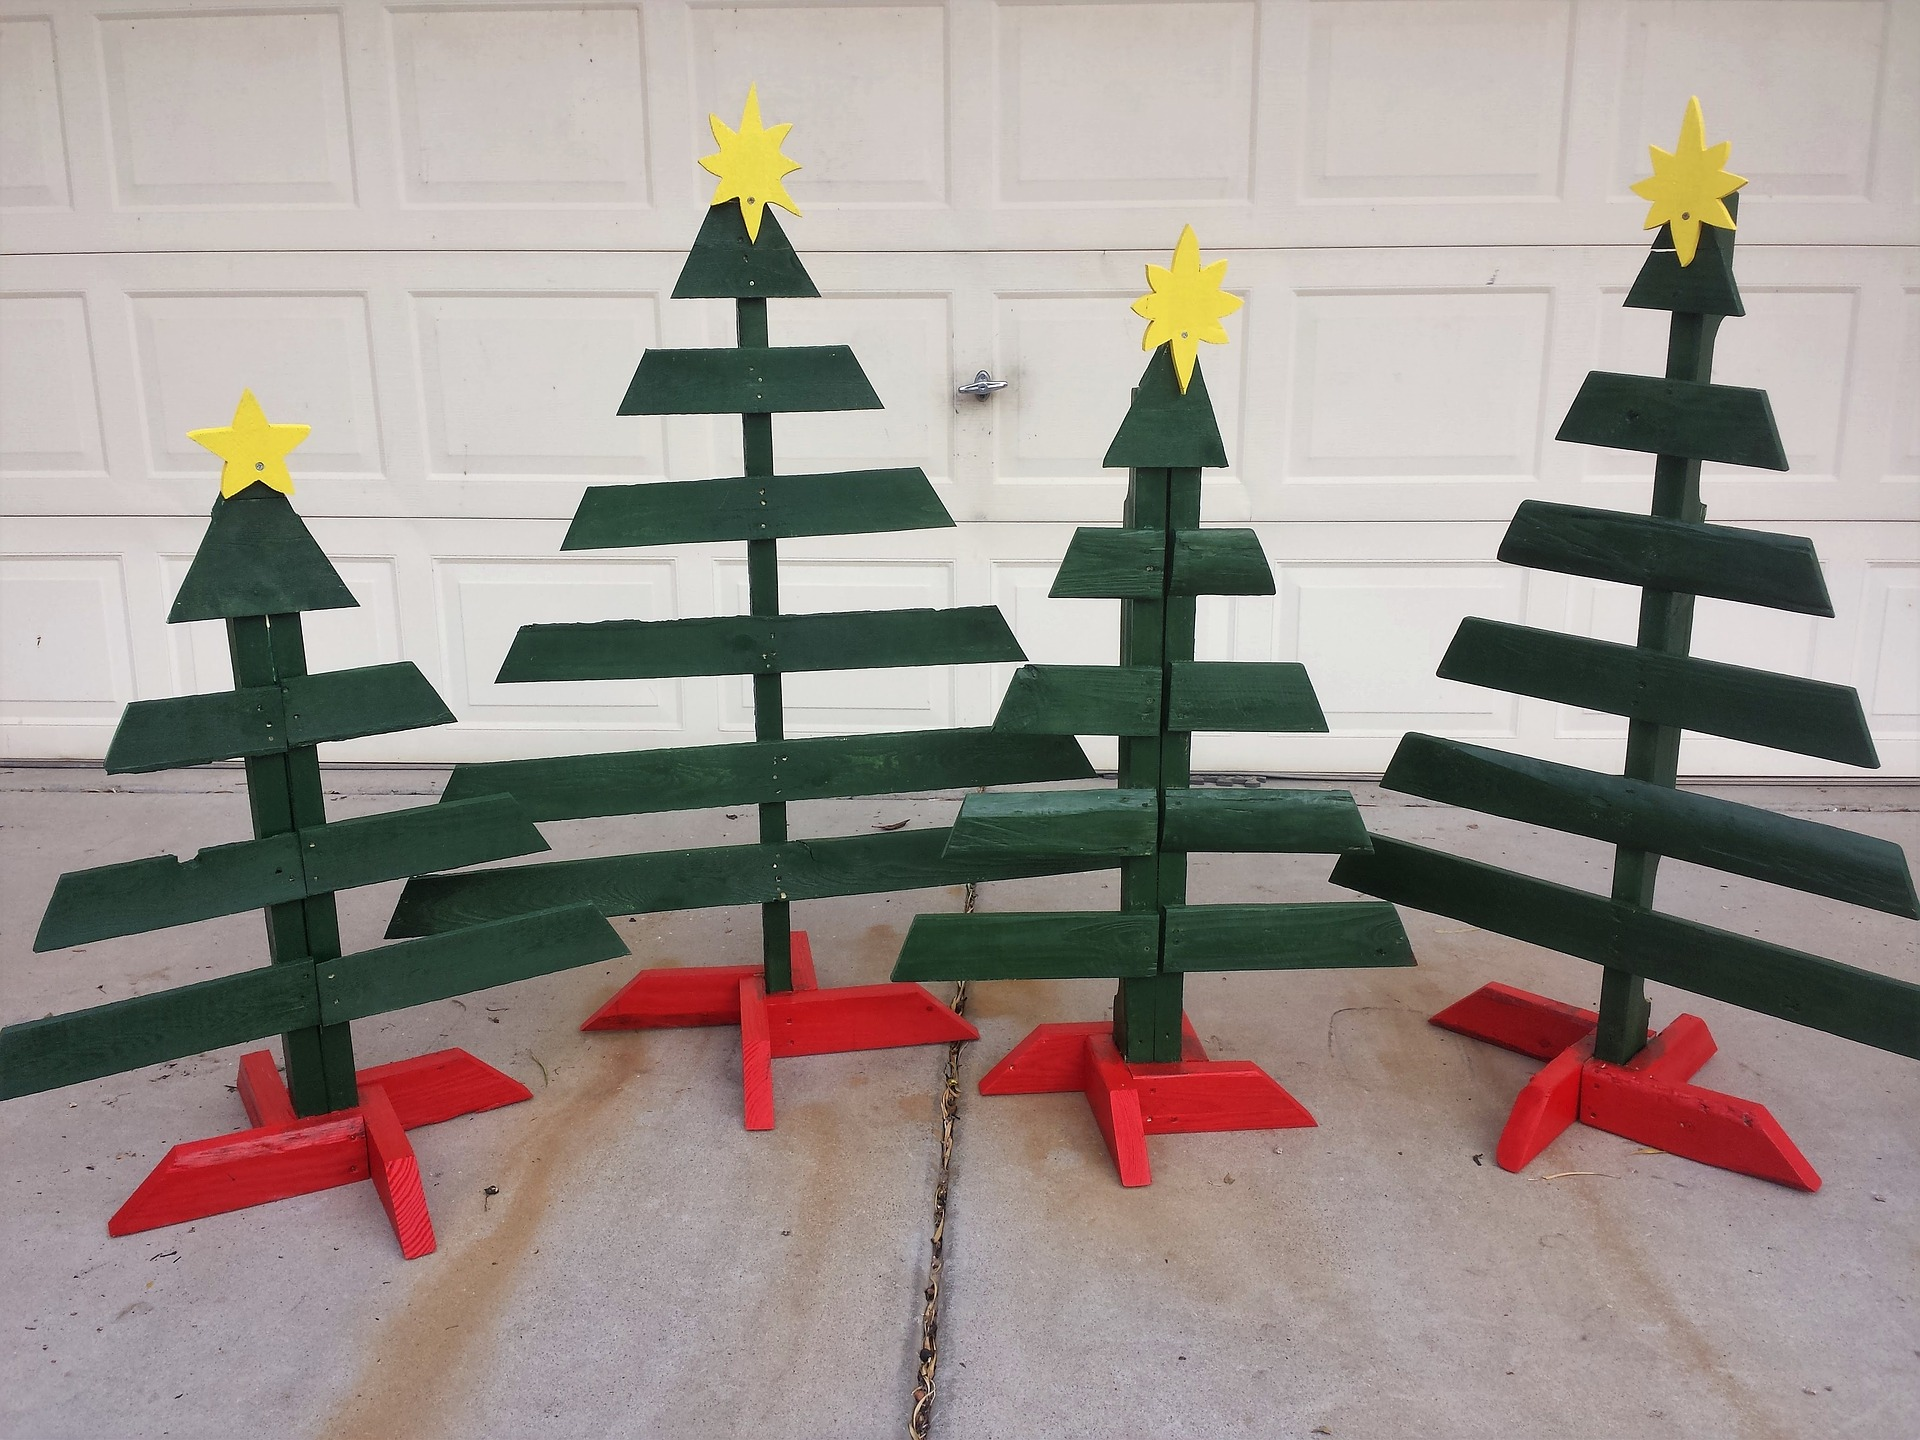 nachhaltige Weihnachten: Weihnachtsbaum aus Holz